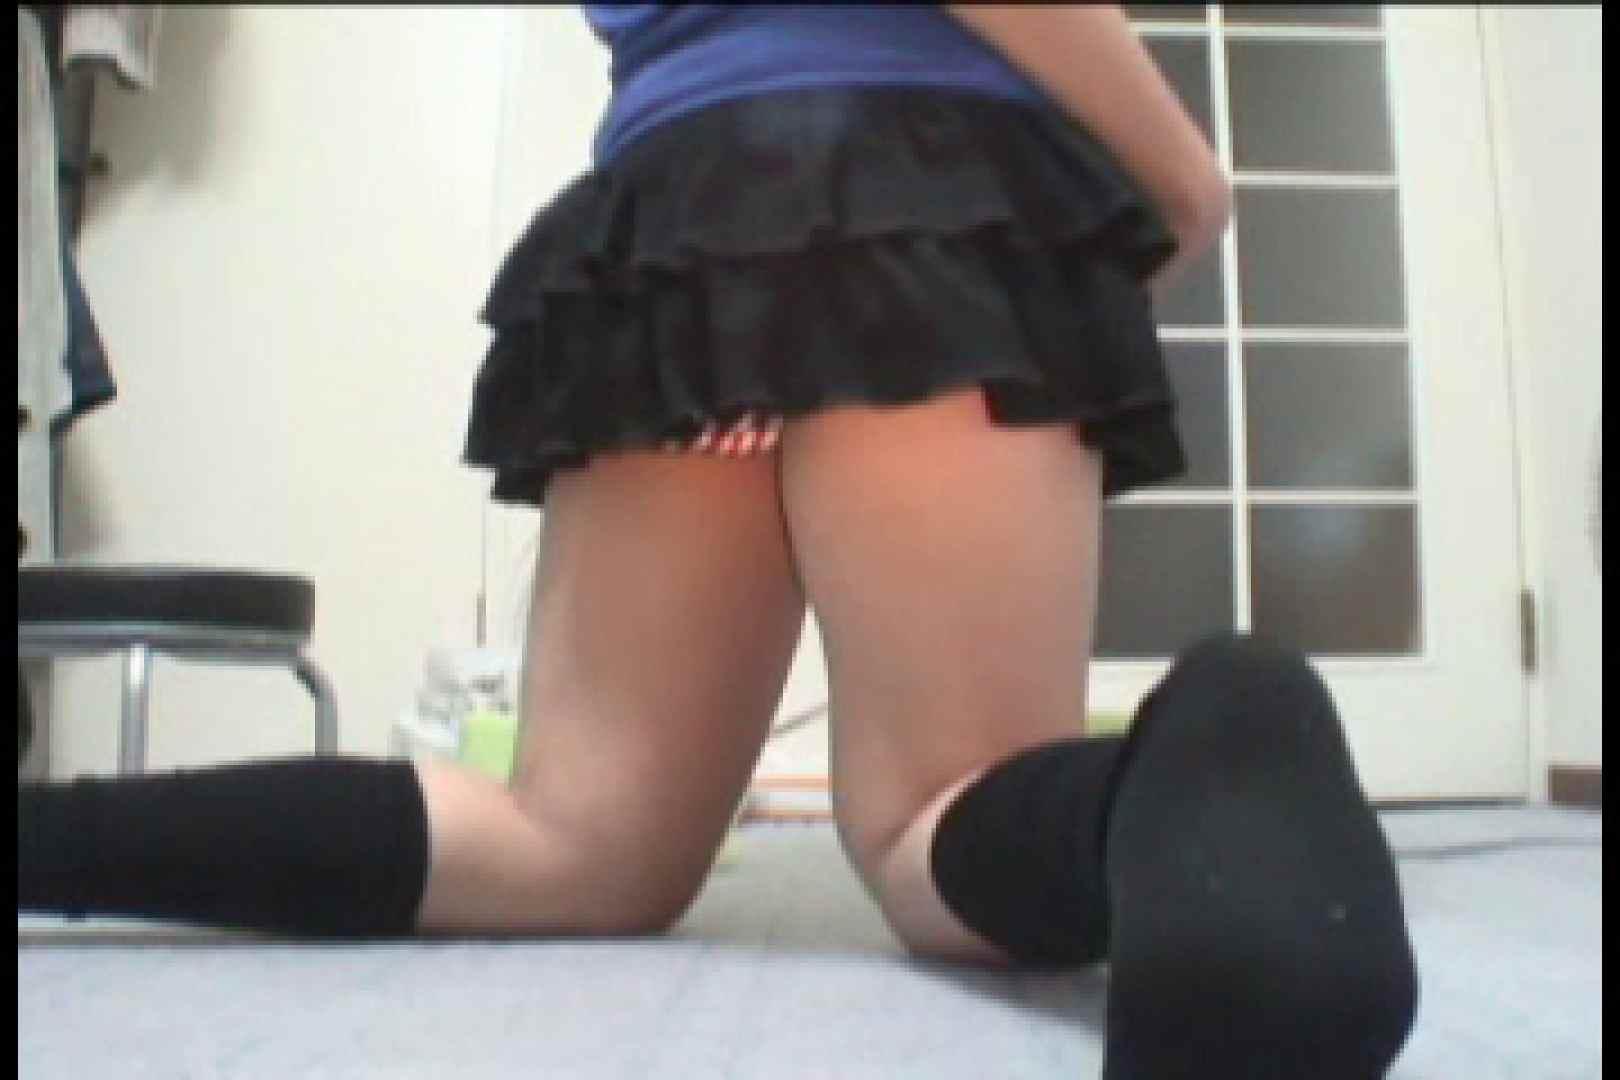 パンツ売りの女の子 けいちゃんvol.1 一般投稿 スケベ動画紹介 60pic 31